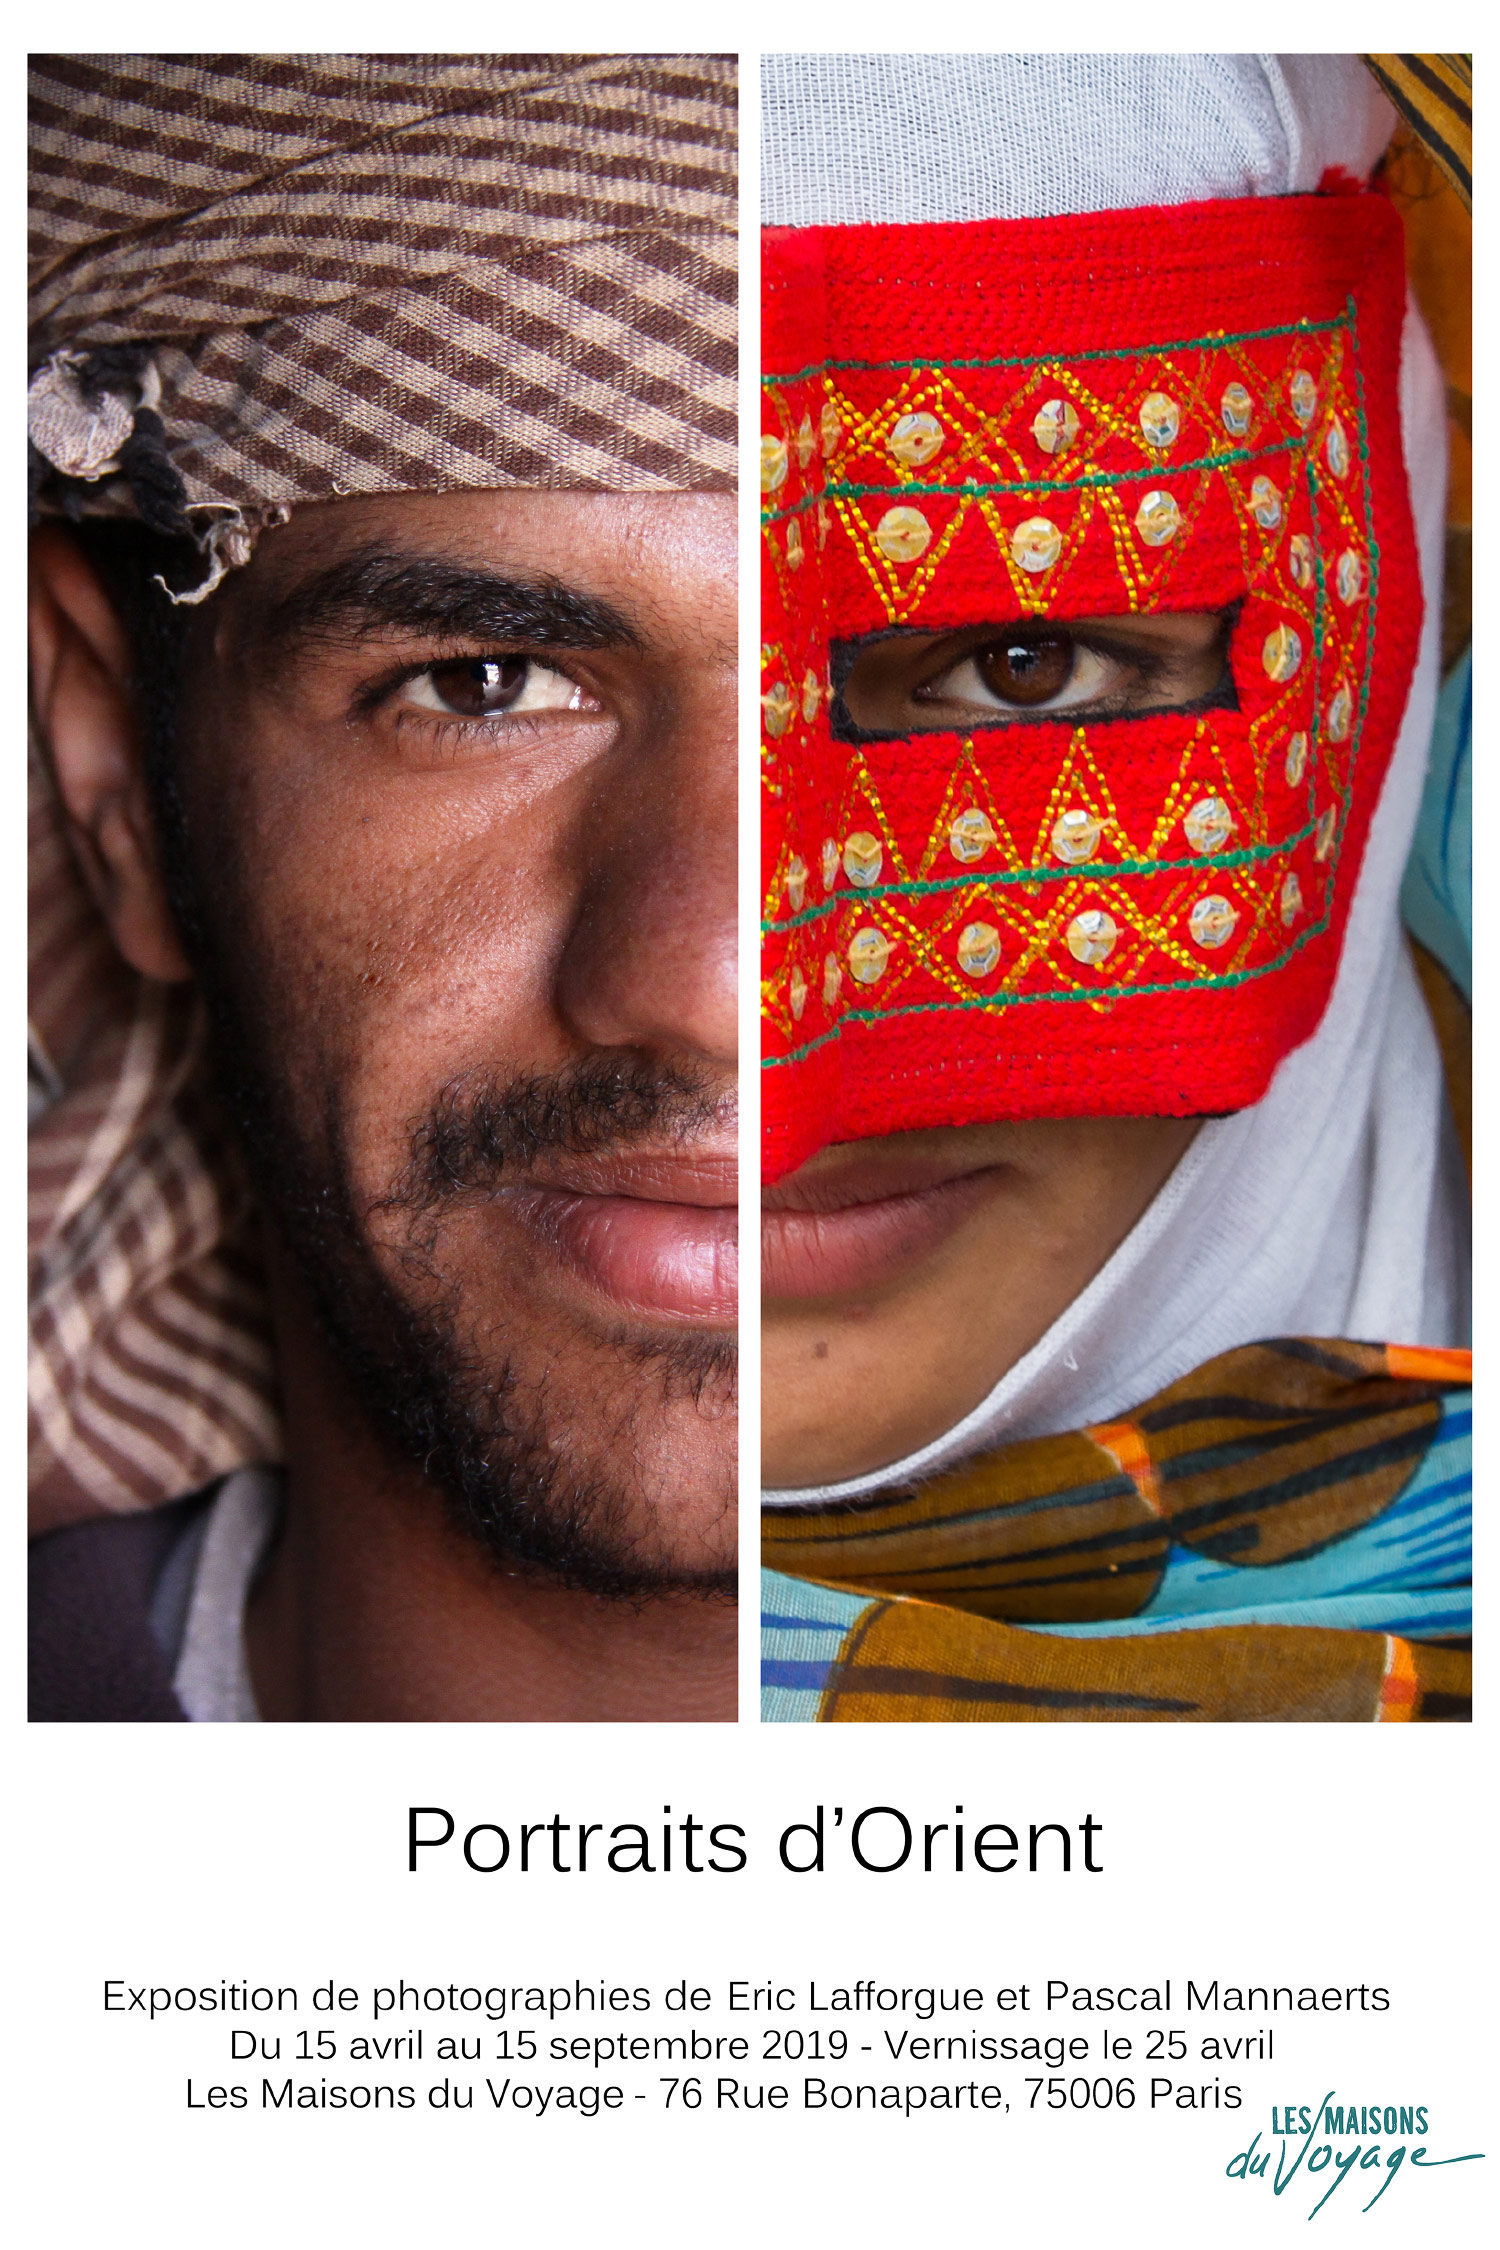 Portraits d'Orient